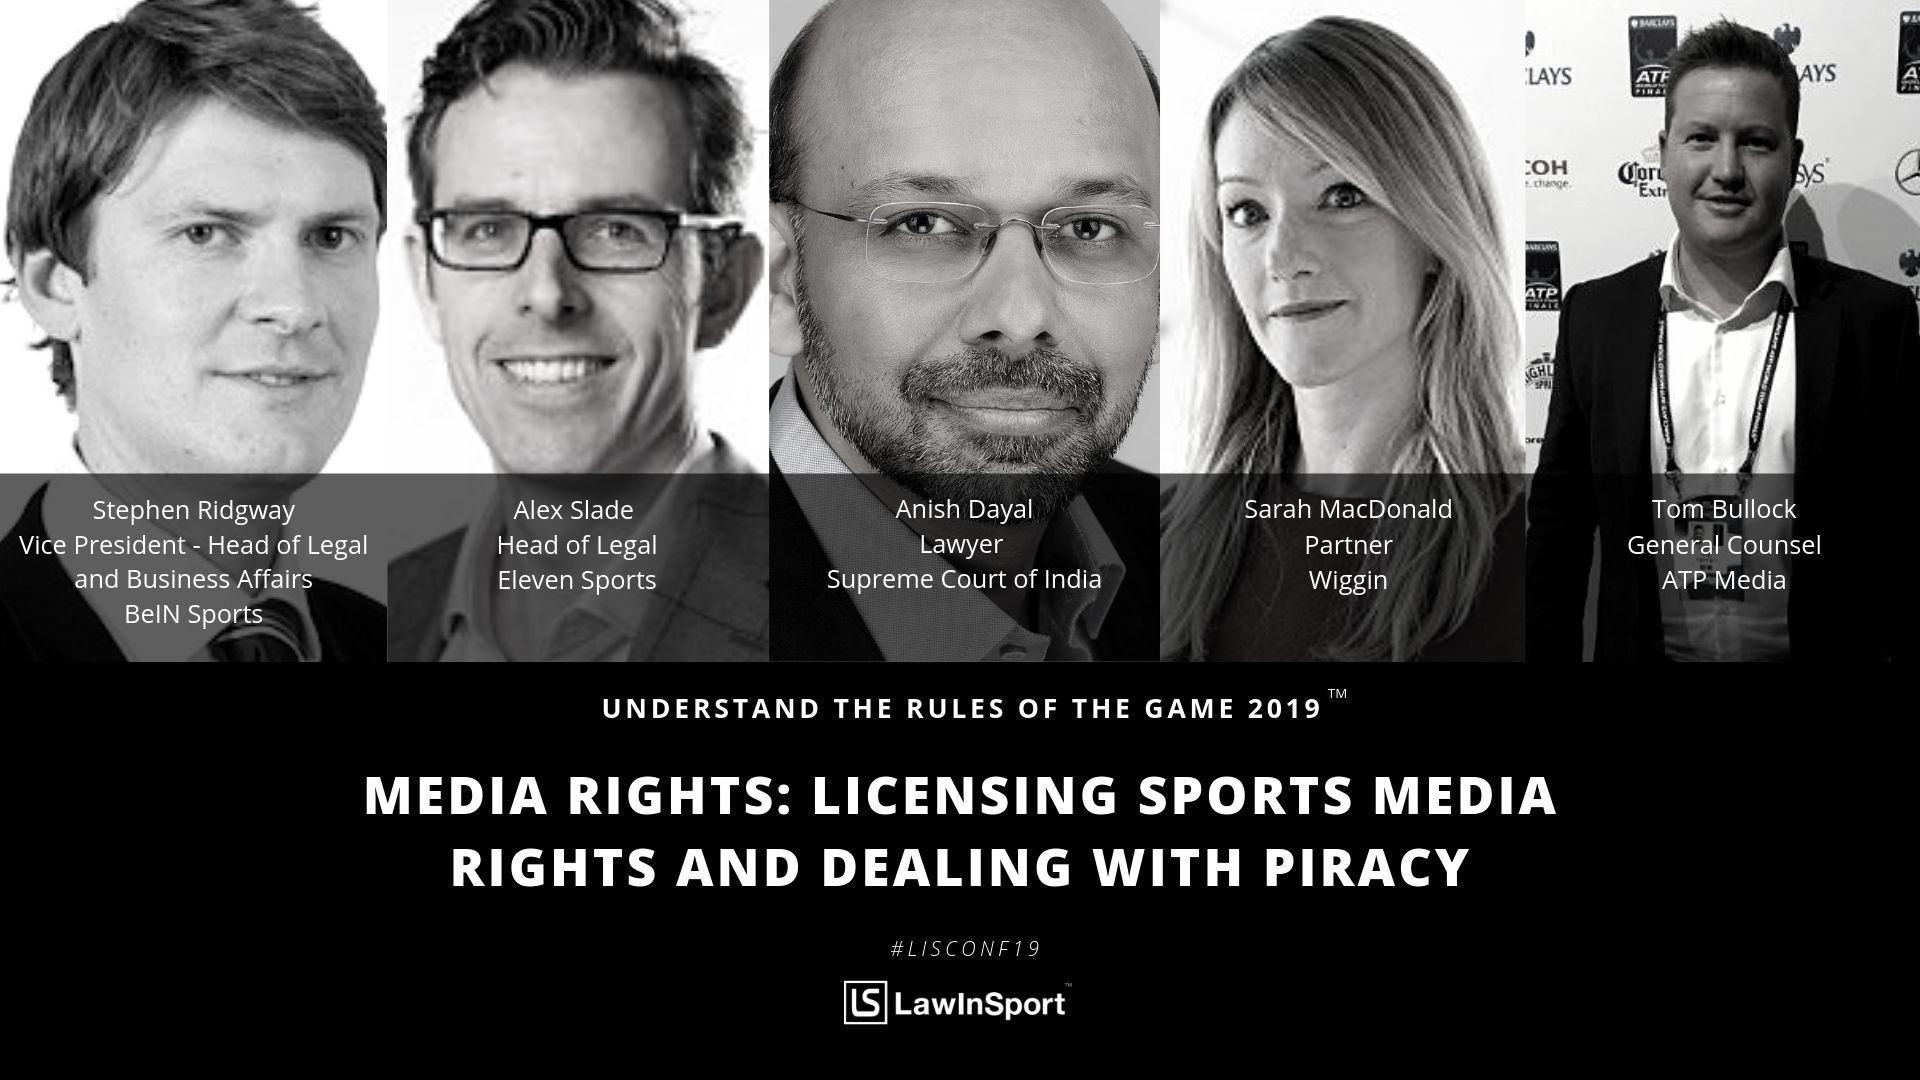 Media rights panel